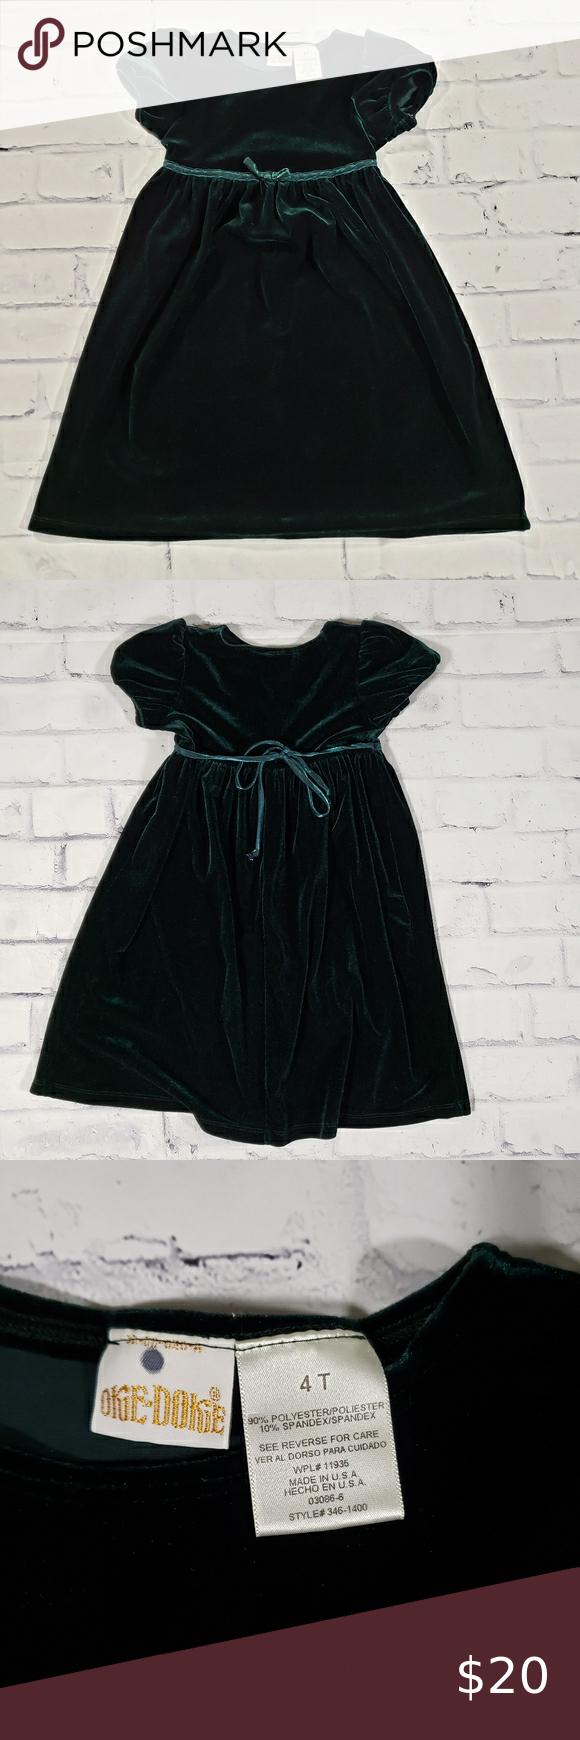 Dark Green Velvet Like Christmas Dress 4t 4t Dress Black Dress With Pockets Christmas Dress [ 1740 x 580 Pixel ]